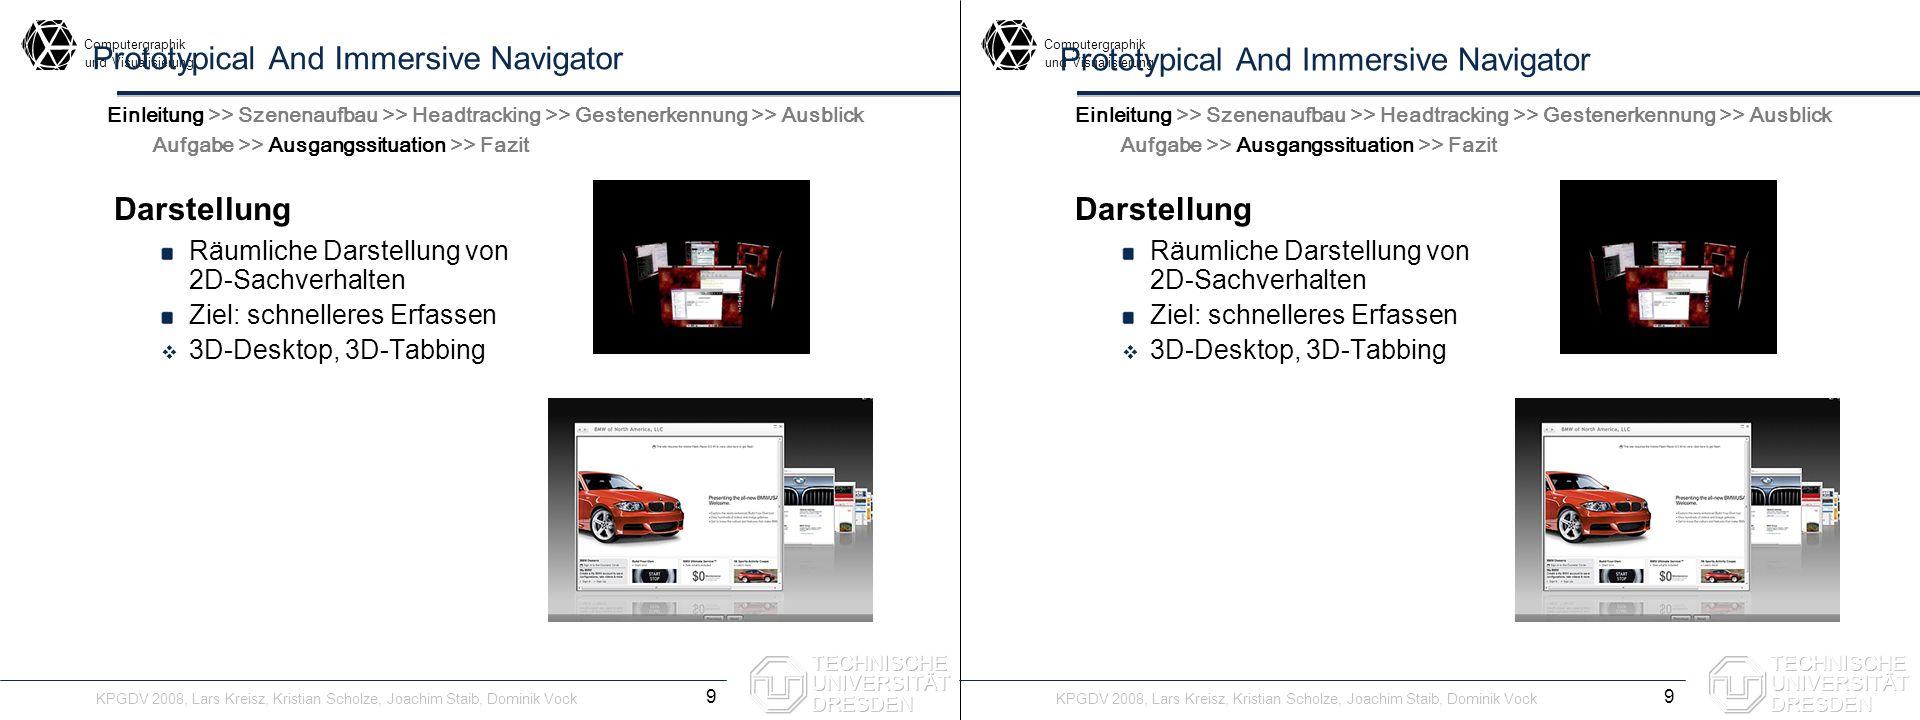 Computergraphik undVisualisierung Computergraphik undVisualisierung Prototypical And Immersive Navigator Darstellung Räumliche Darstellung von 2D-Sachverhalten Ziel: schnelleres Erfassen 3D-Desktop, 3D-Tabbing Übersichtlichkeit 10 Einleitung >> Szenenaufbau >> Headtracking >> Gestenerkennung >> Ausblick Aufgabe >> Ausgangssituation >> Fazit Darstellung Räumliche Darstellung von 2D-Sachverhalten Ziel: schnelleres Erfassen 3D-Desktop, 3D-Tabbing Übersichtlichkeit Einleitung >> Szenenaufbau >> Headtracking >> Gestenerkennung >> Ausblick Aufgabe >> Ausgangssituation >> Fazit KPGDV 2008, Lars Kreisz, Kristian Scholze, Joachim Staib, Dominik Vock